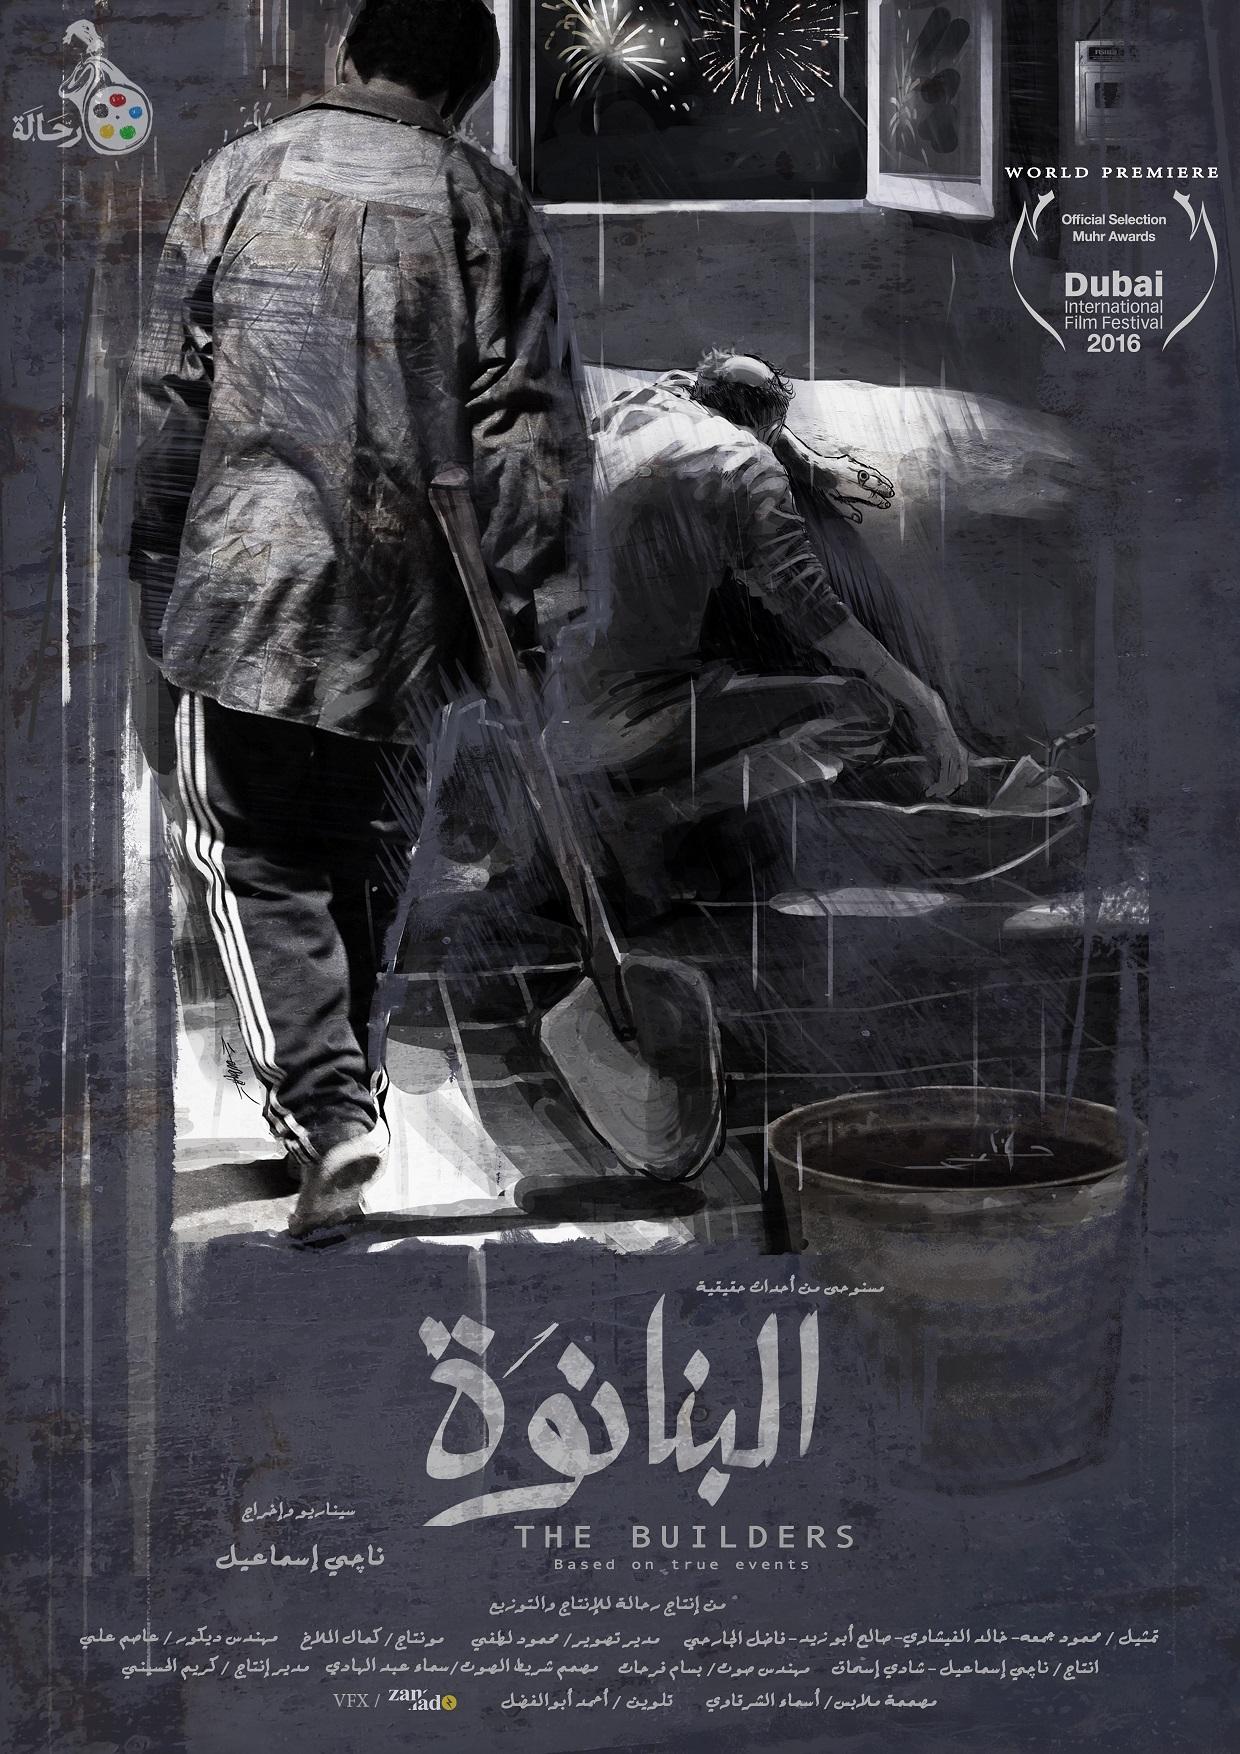 """صورة رحالة للإنتاج  والتوزيع تشارك في مهرجان دبي بفيلم """"البنانوة"""" للمخرج ناچي إ سماعيل"""